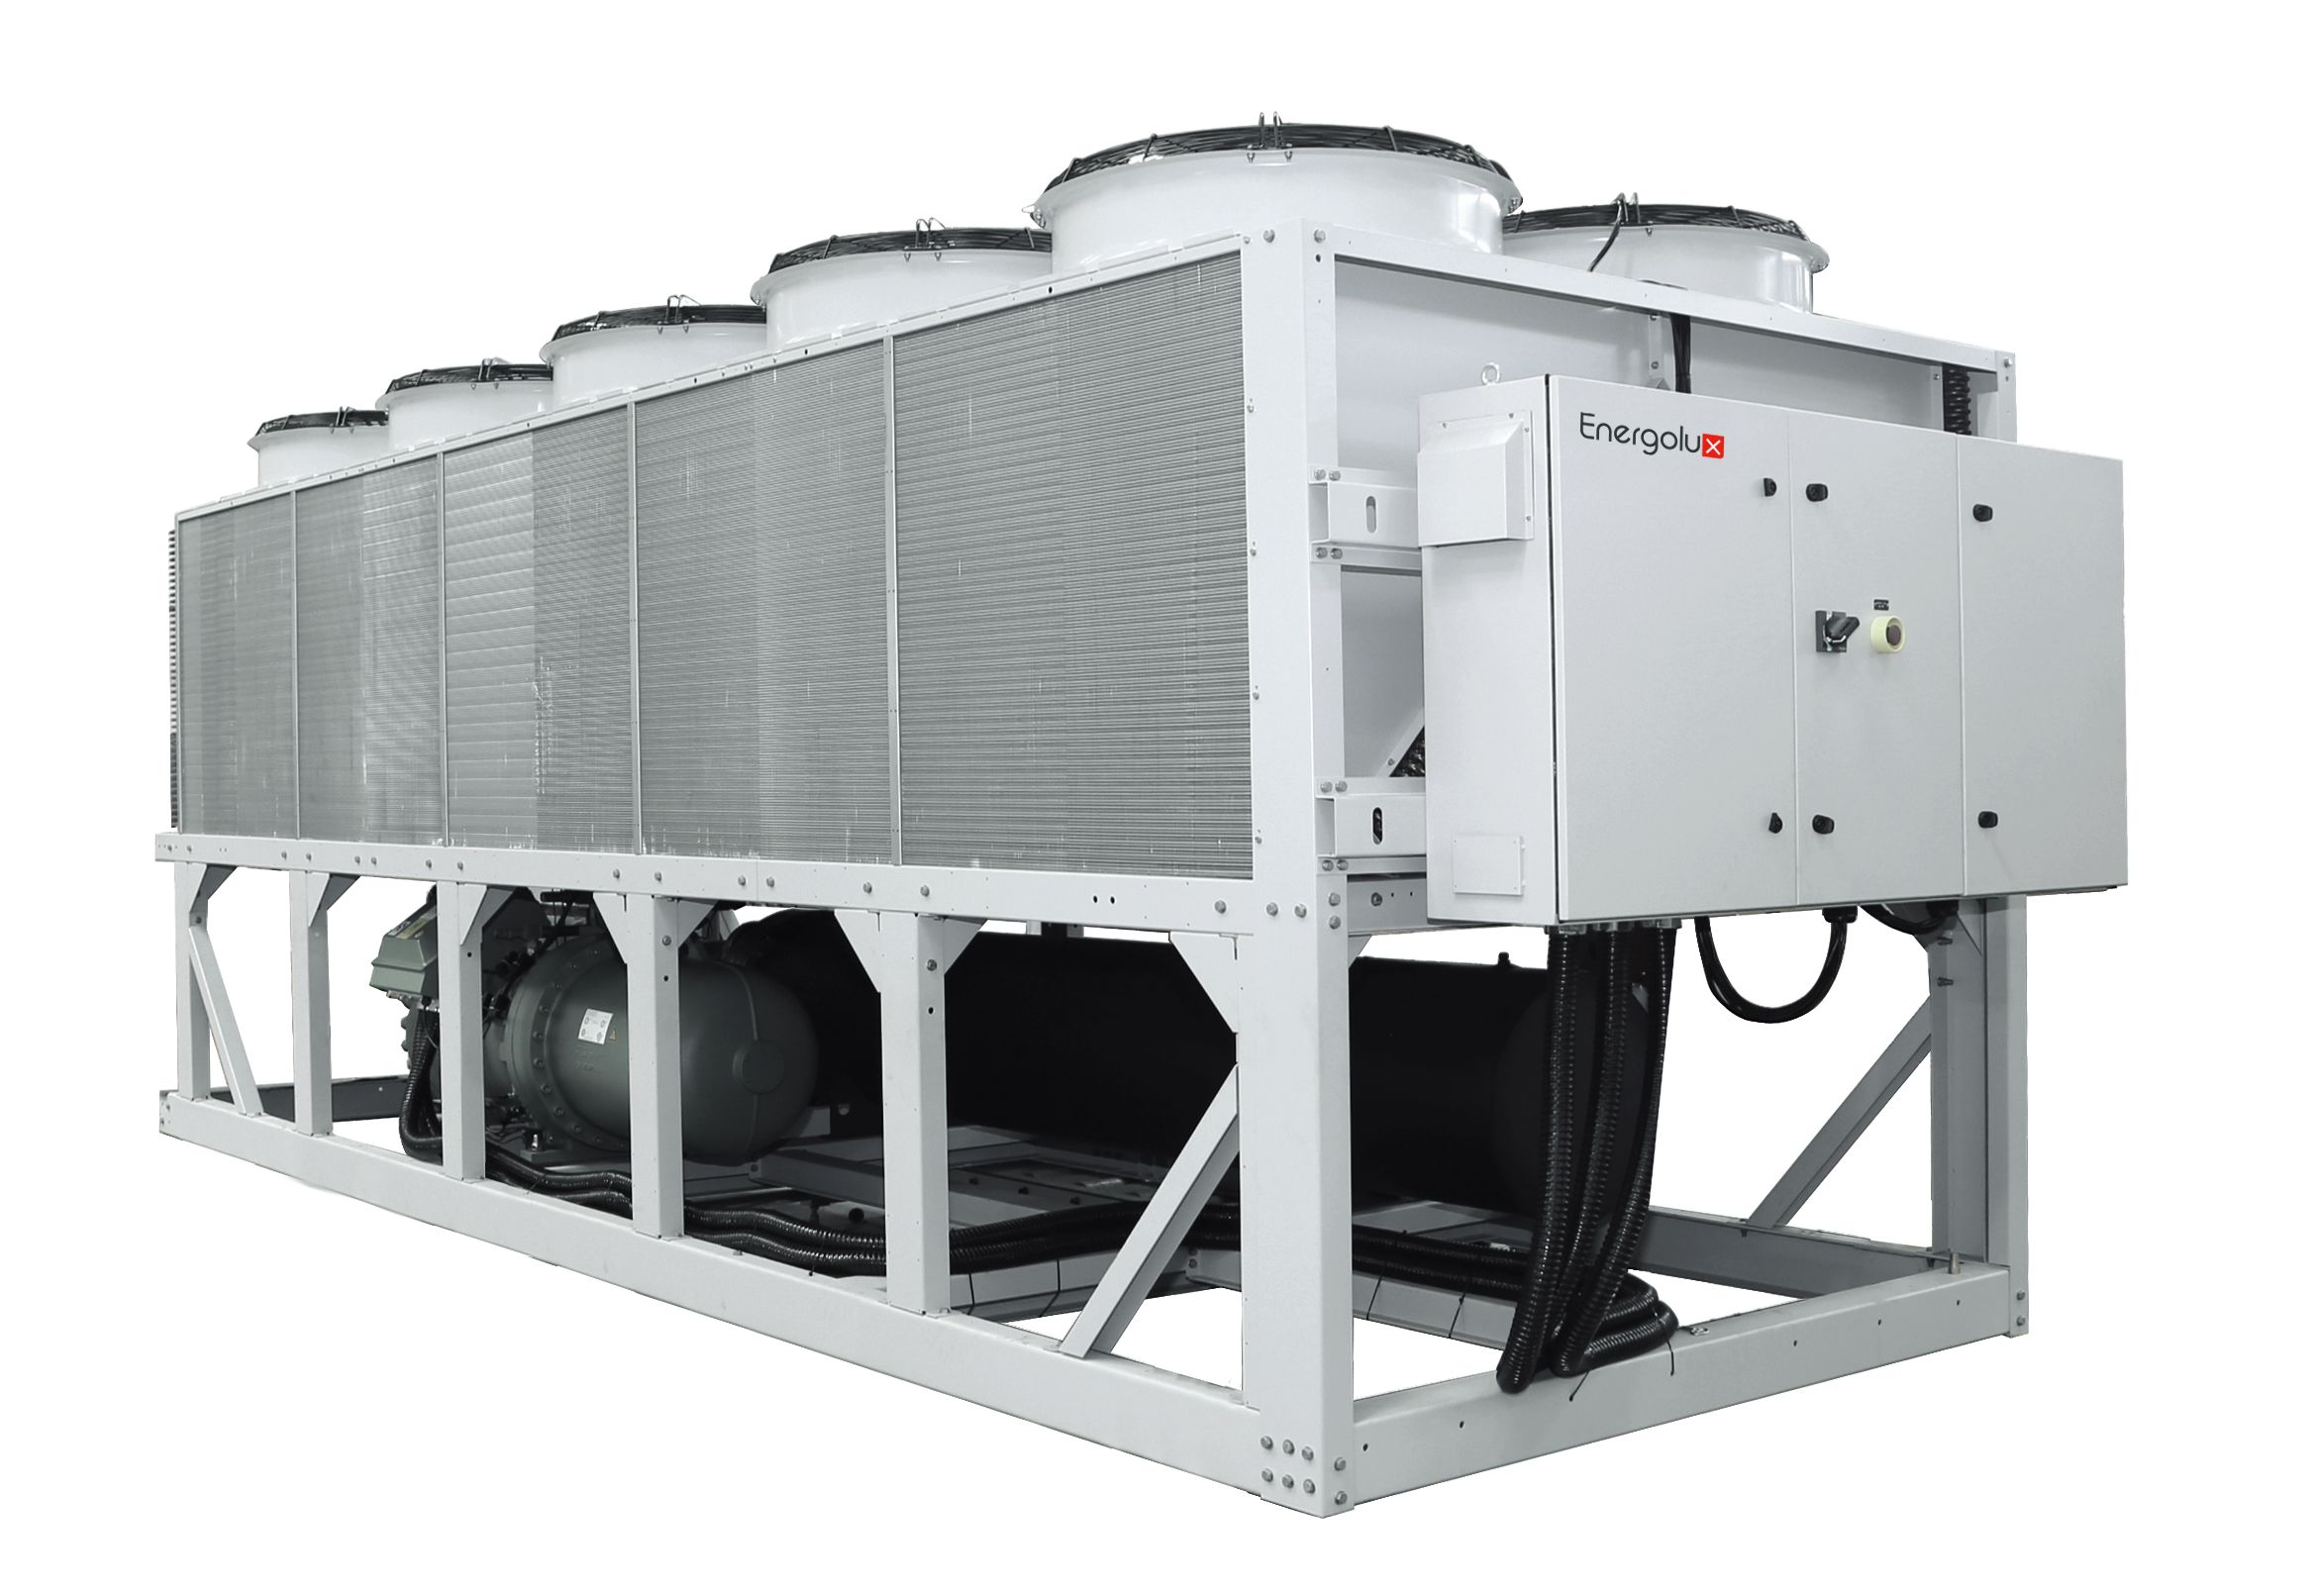 Energolux SCAW-FC-T 2320 V